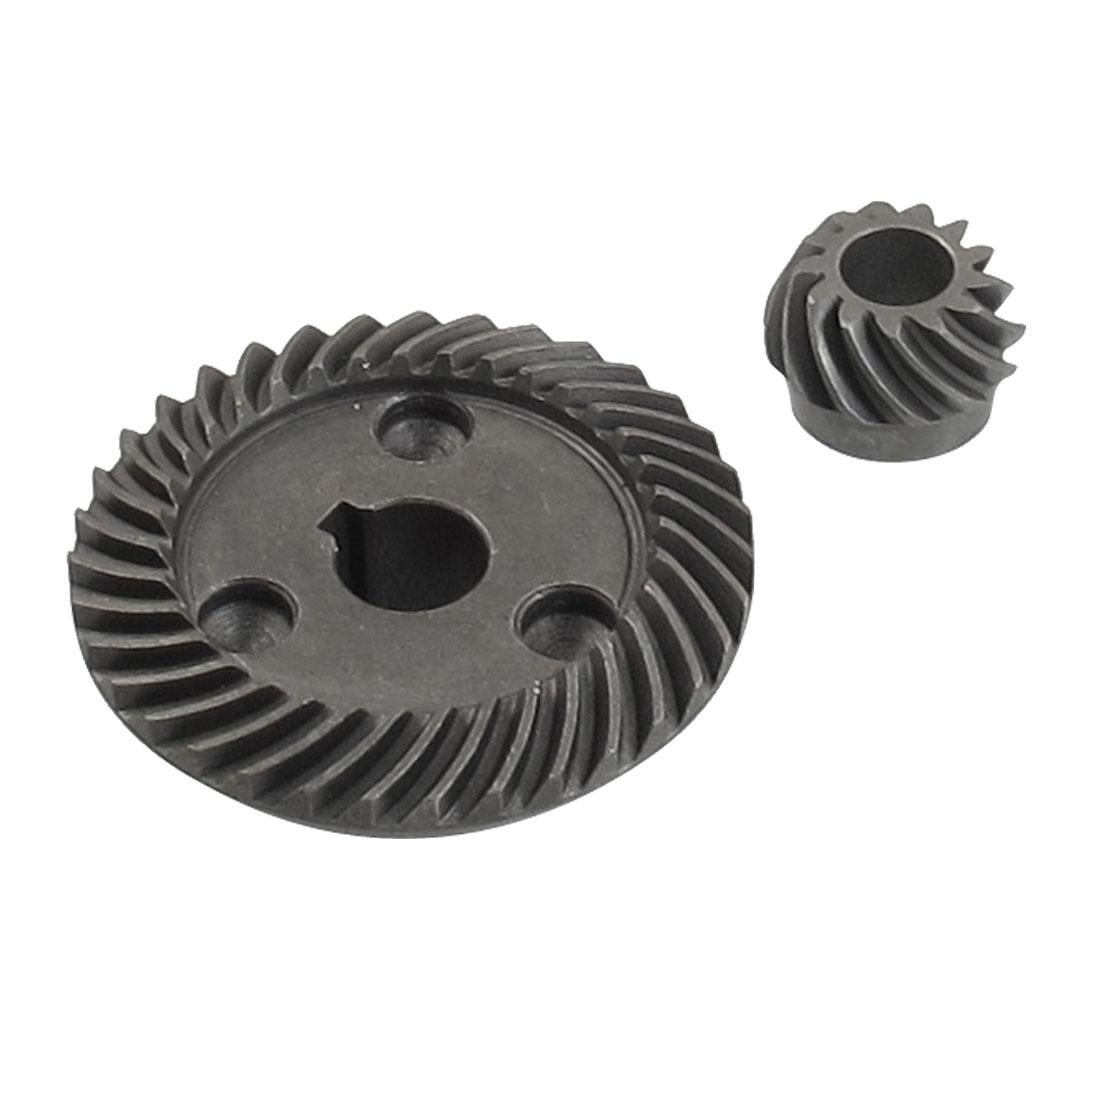 2 Pcs 11mm Shaft Metal Spiral Bevel Gear Set for 100 Angle Grinder